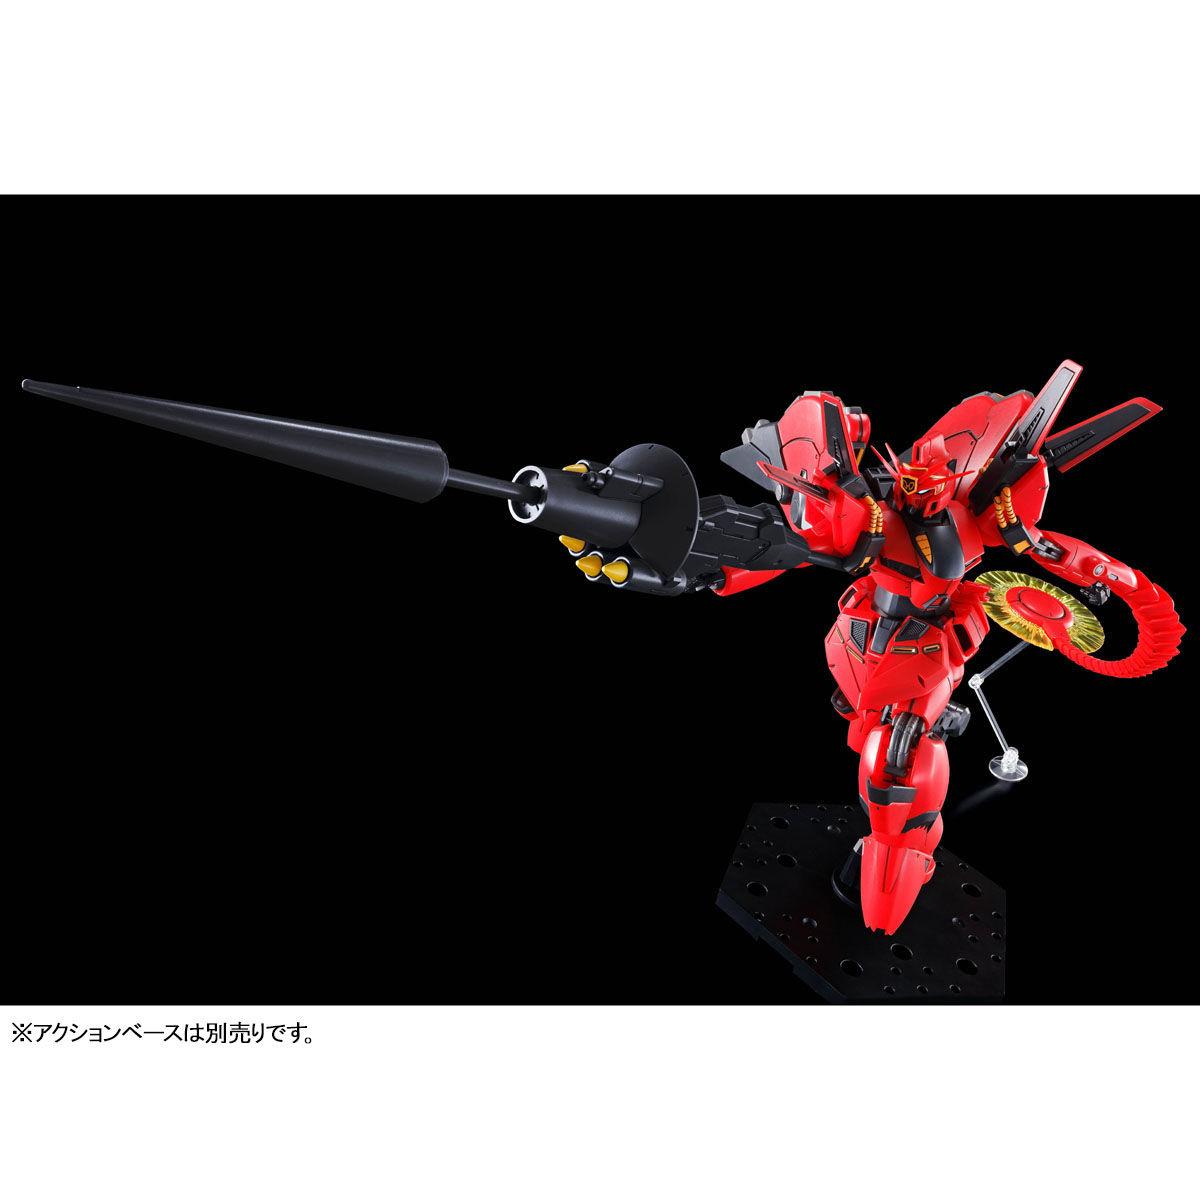 【限定販売】RE/100『ビギナ・ギナII(木星決戦仕様)』1/100 プラモデル-008